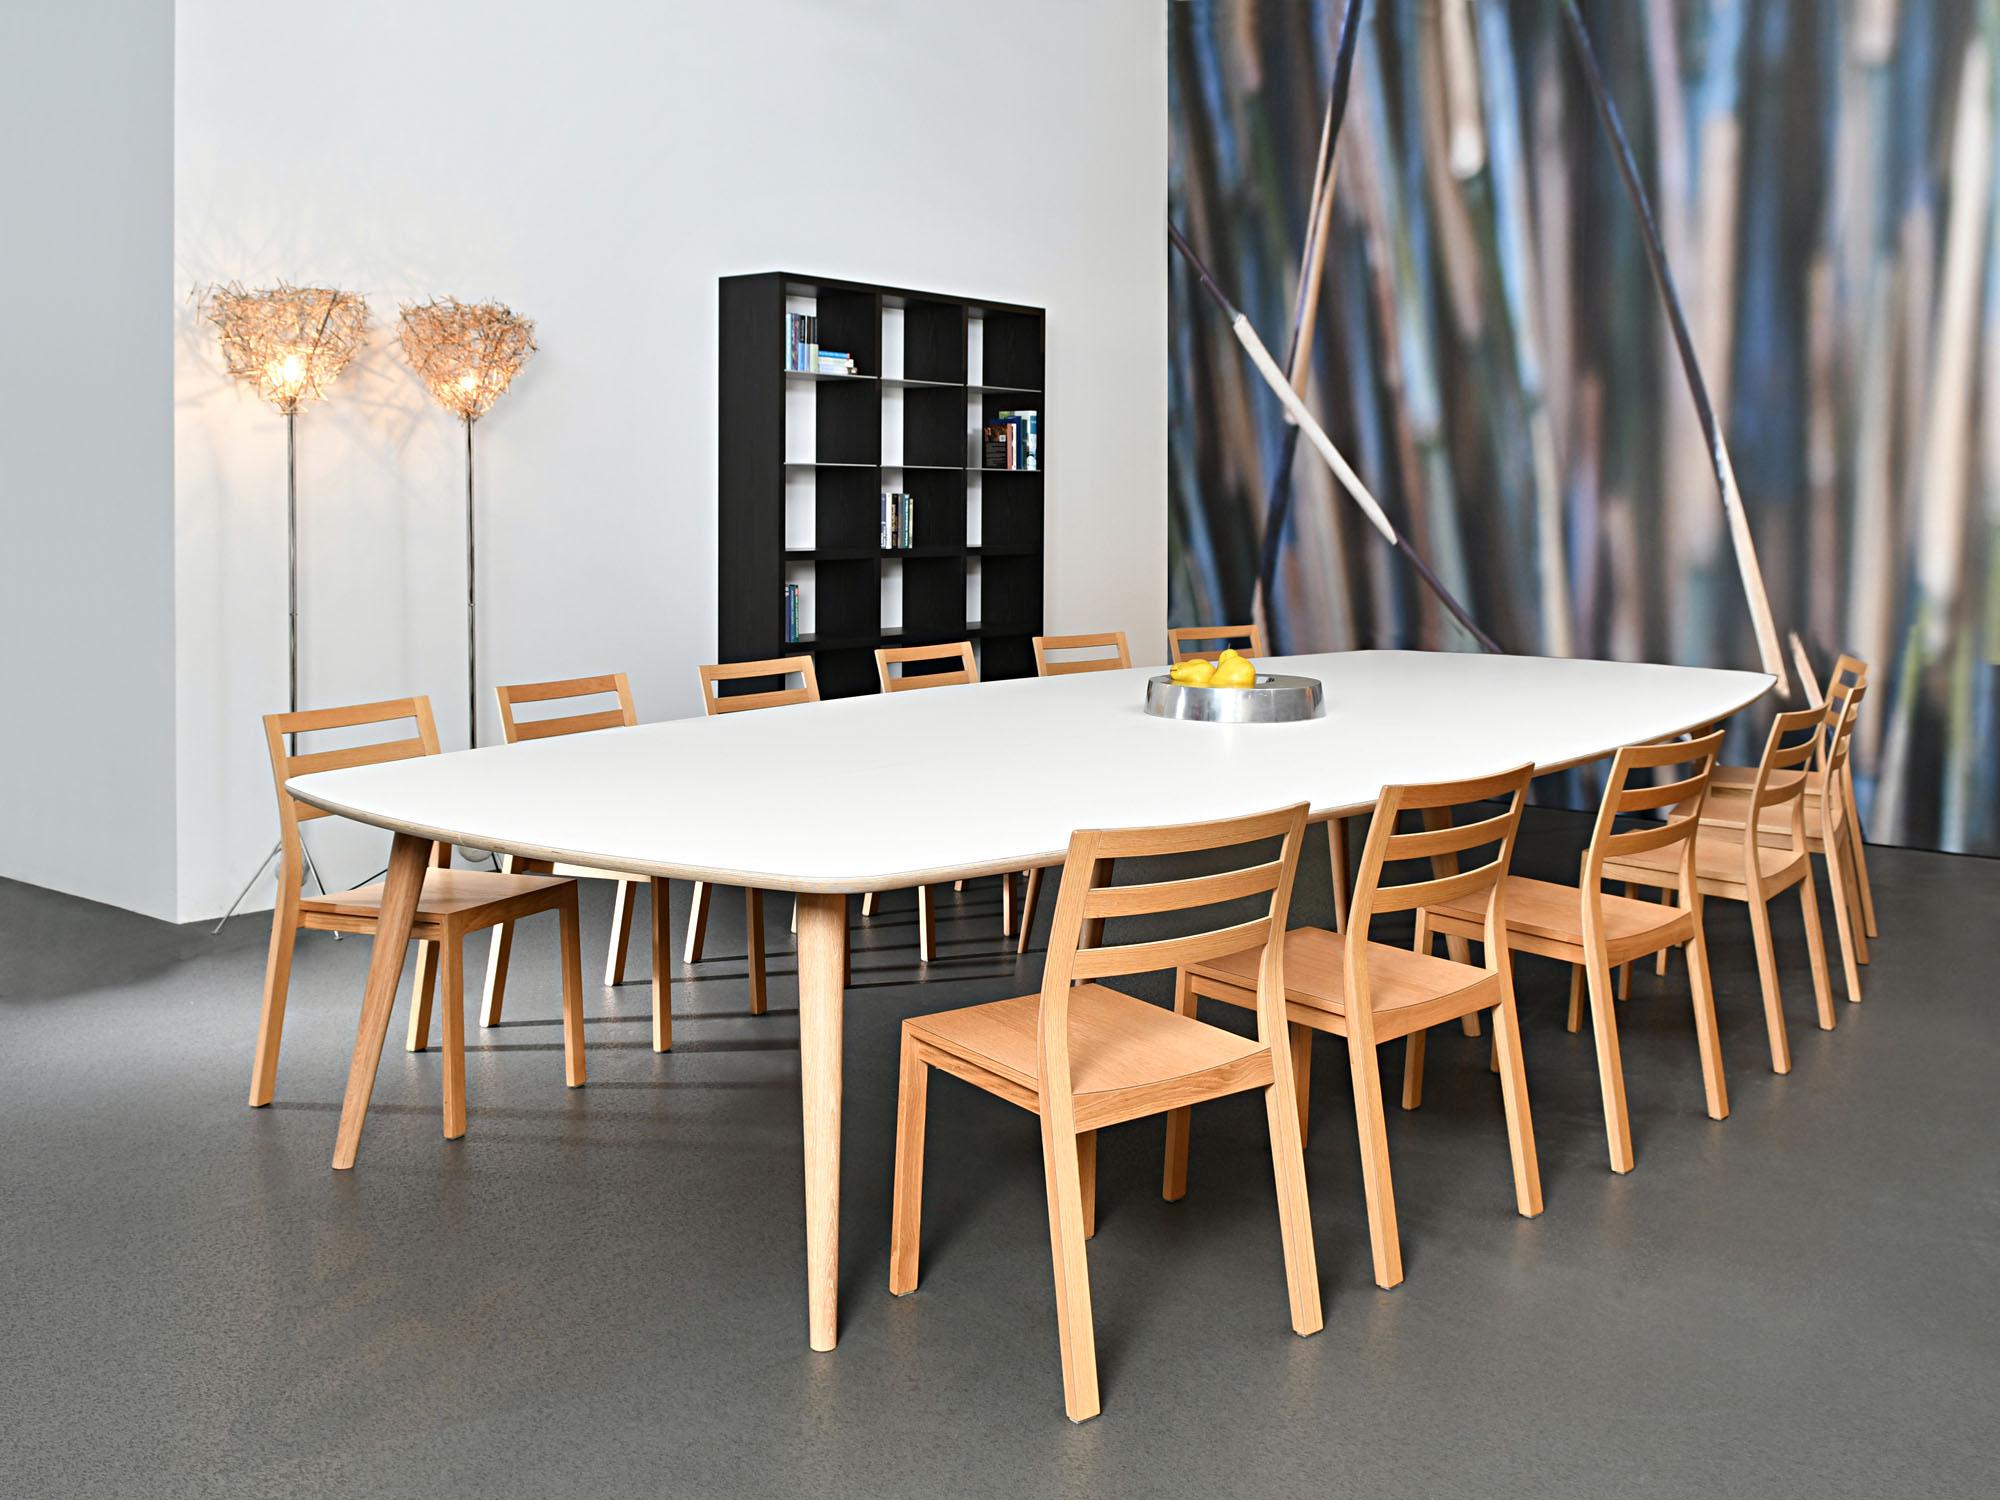 RP-vergadertafel en GROOVE-kast, ontwerp door Coen Castelijn